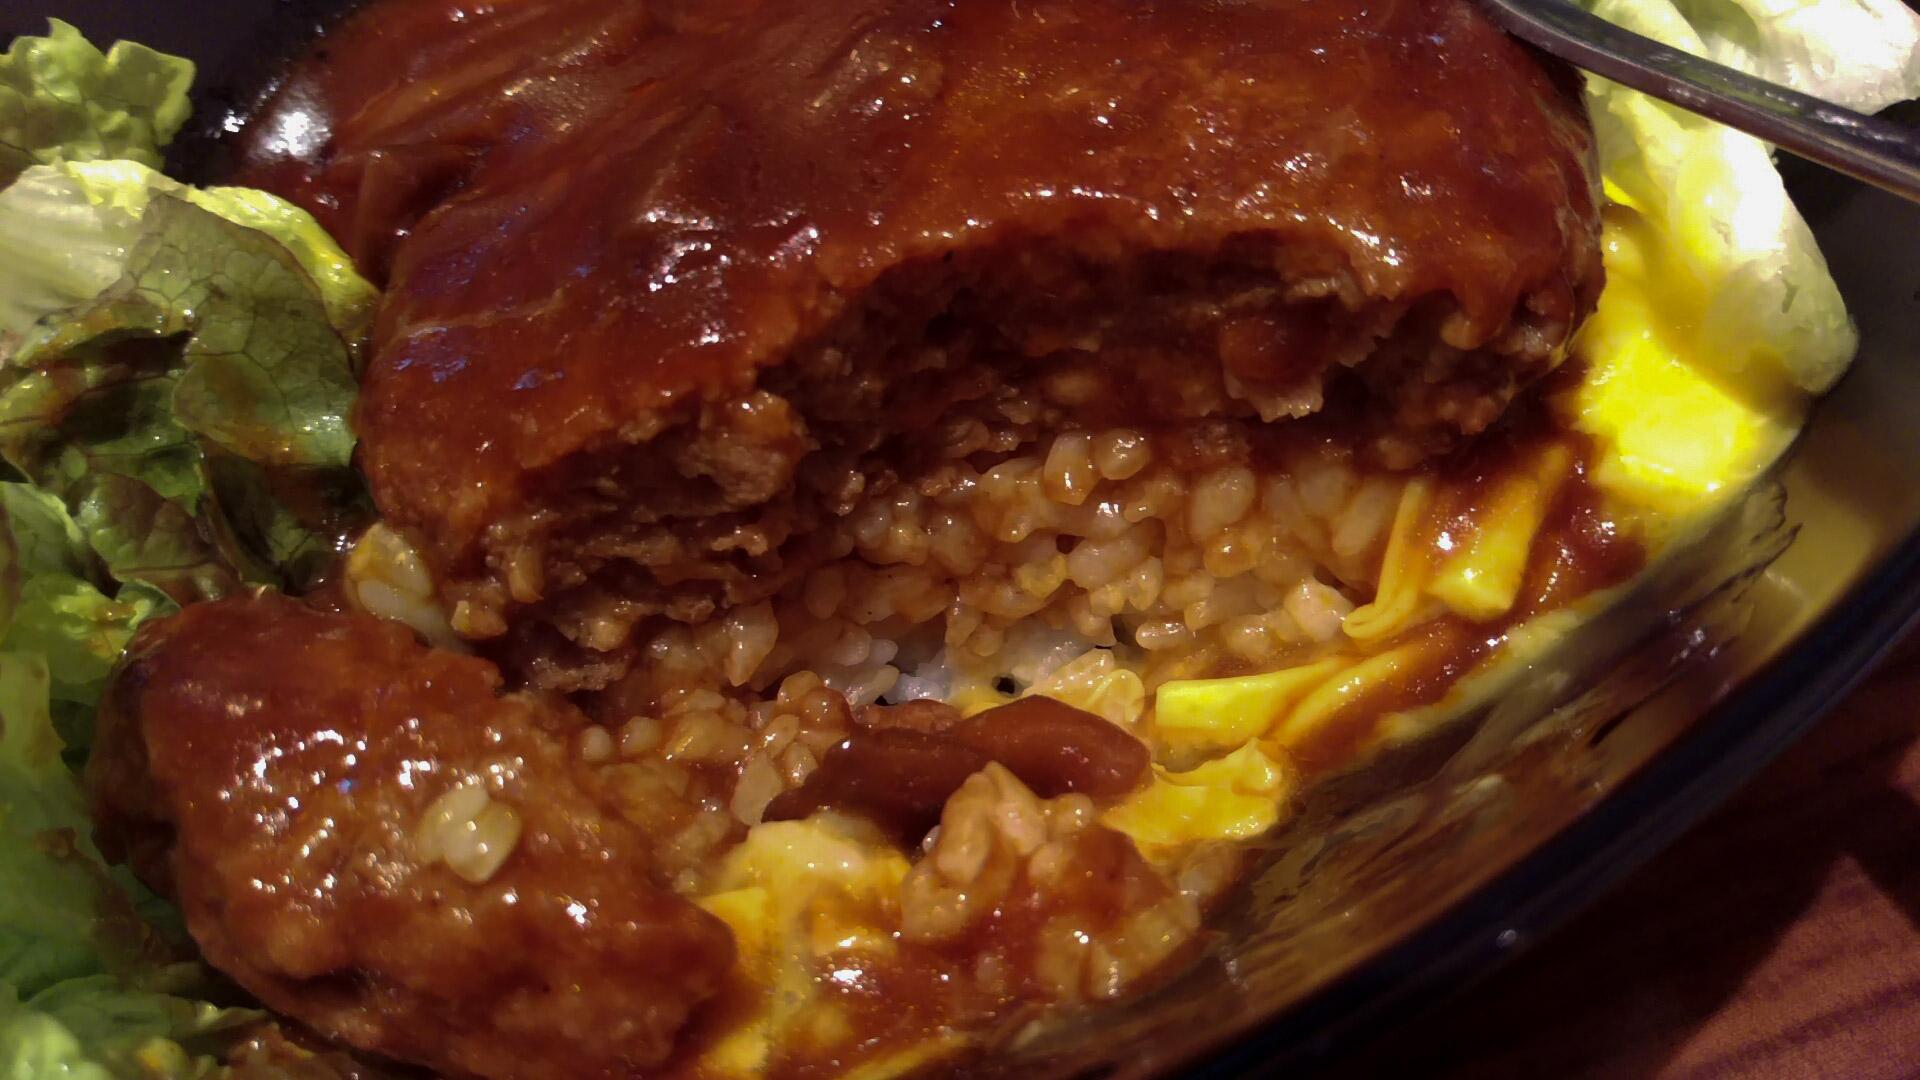 このご飯と卵とハンバーグと野菜のレイヤーが、まさに恋。